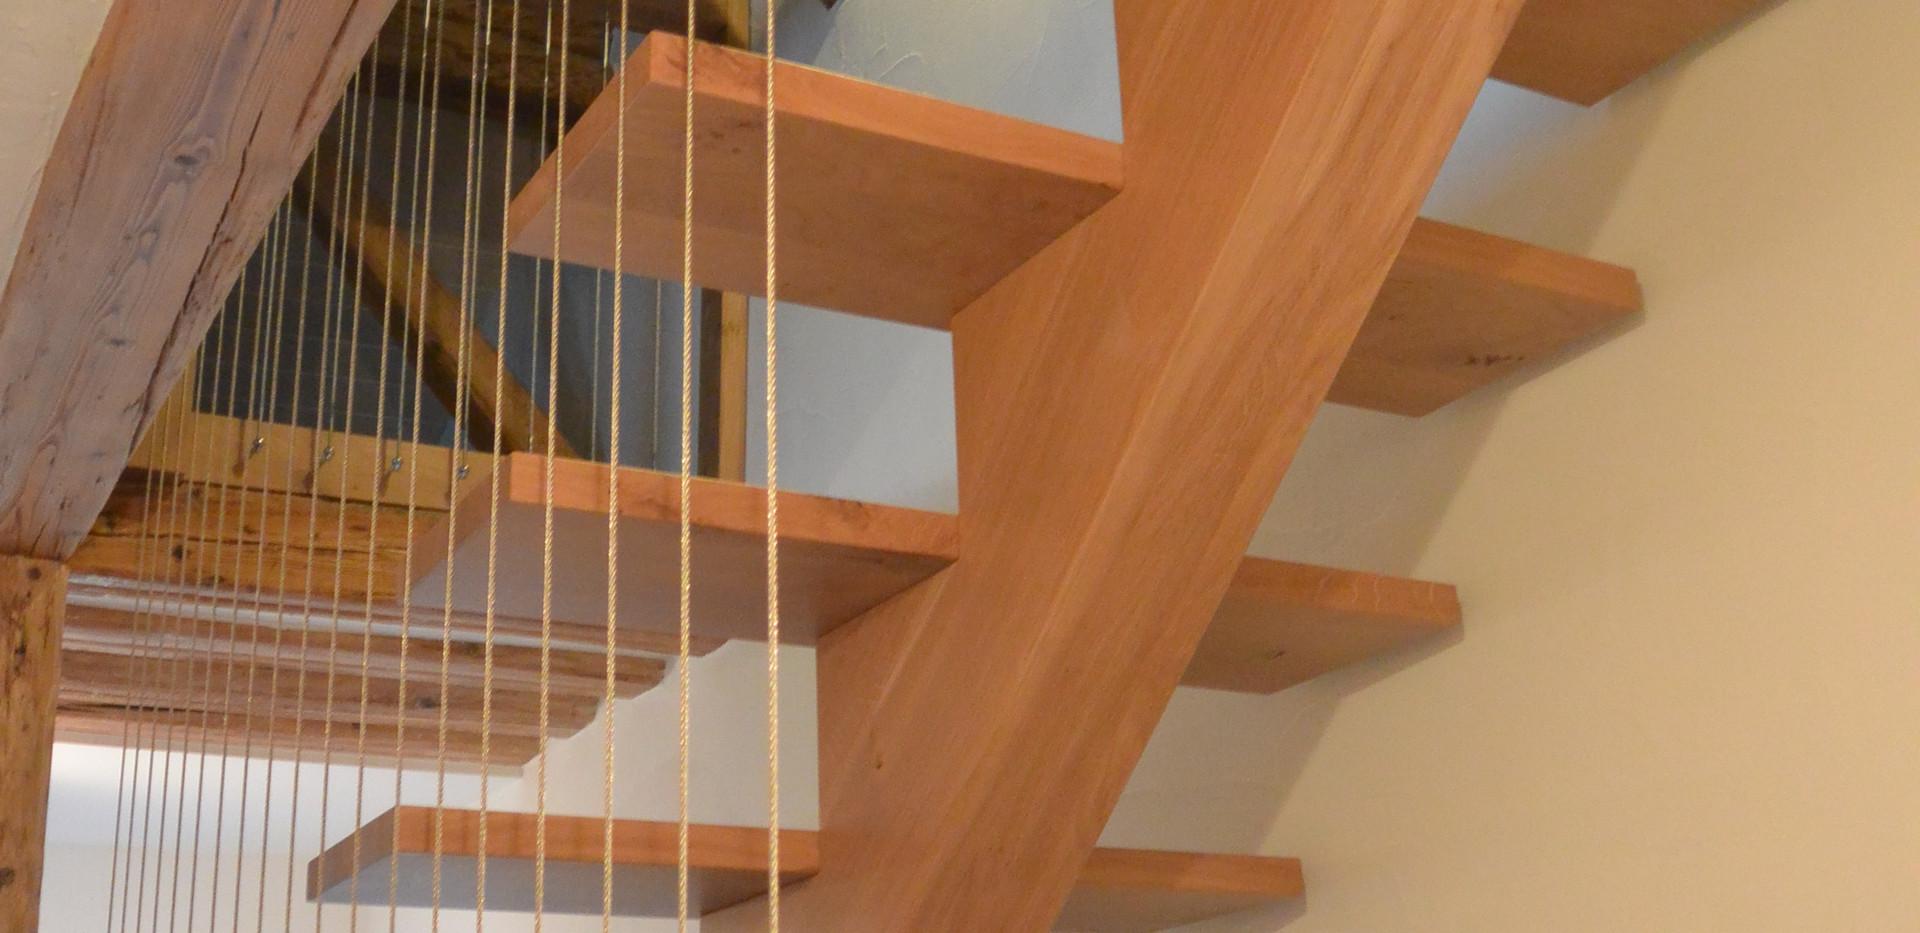 Escaliers bois sur mesure - Menuiserie Valais